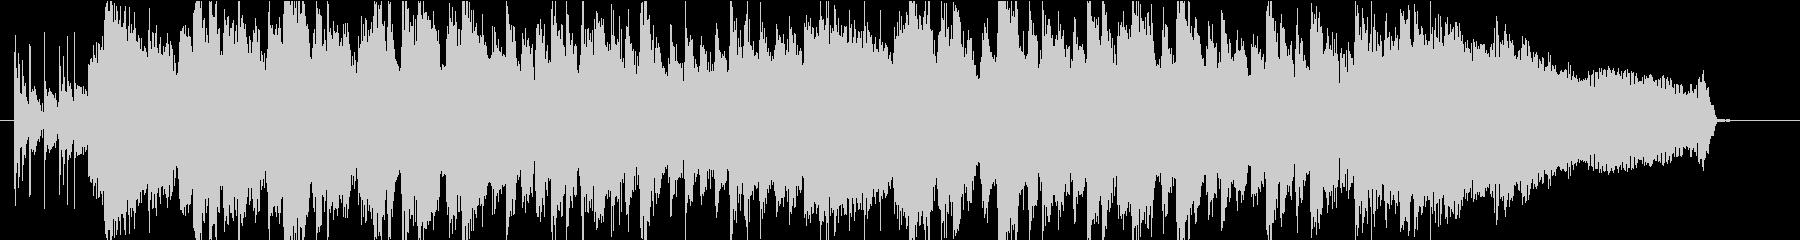 カリフラワーがテーマのミドルテンポ楽曲の未再生の波形